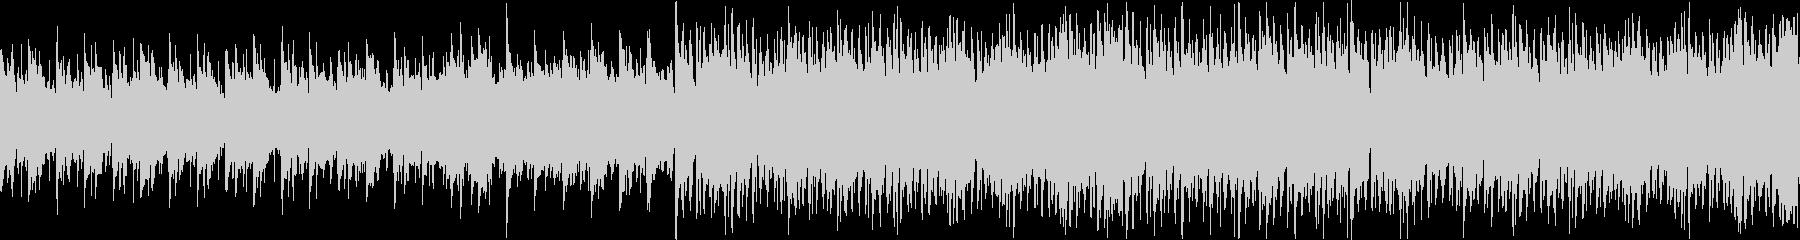 切なさと疾走感のアコギハウスループ音源の未再生の波形